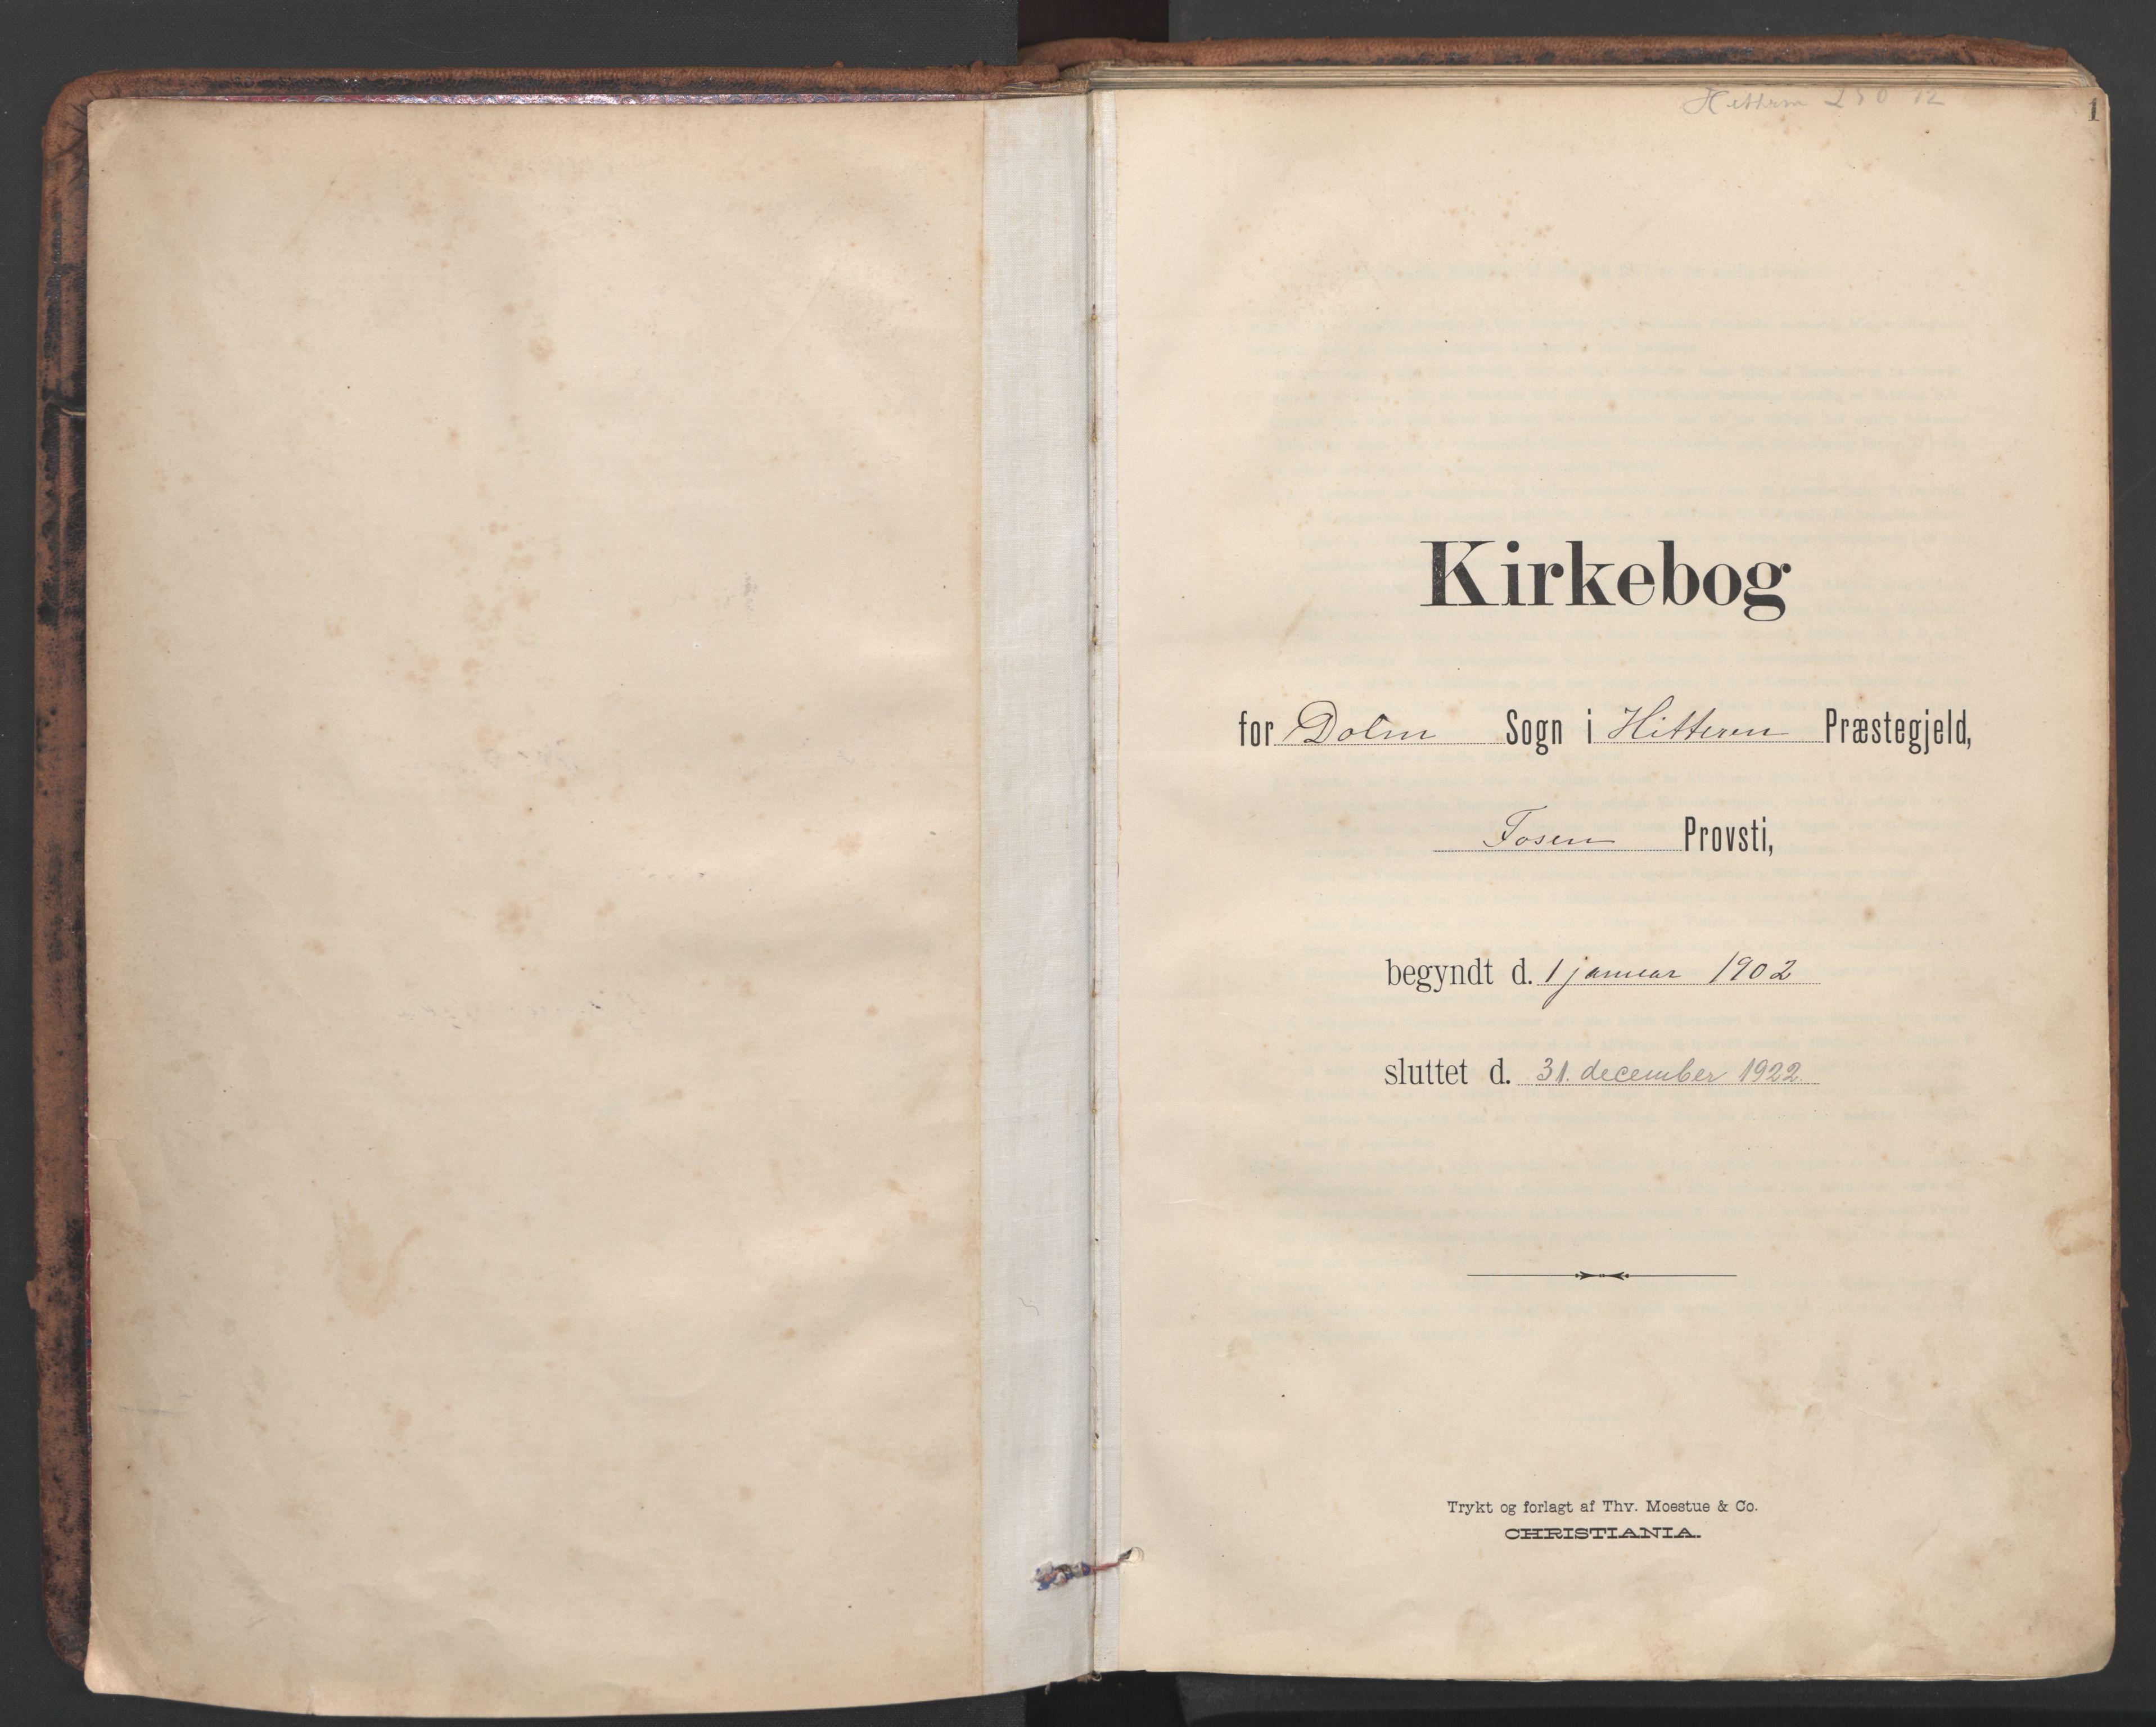 SAT, Ministerialprotokoller, klokkerbøker og fødselsregistre - Sør-Trøndelag, 634/L0537: Ministerialbok nr. 634A13, 1896-1922, s. 1